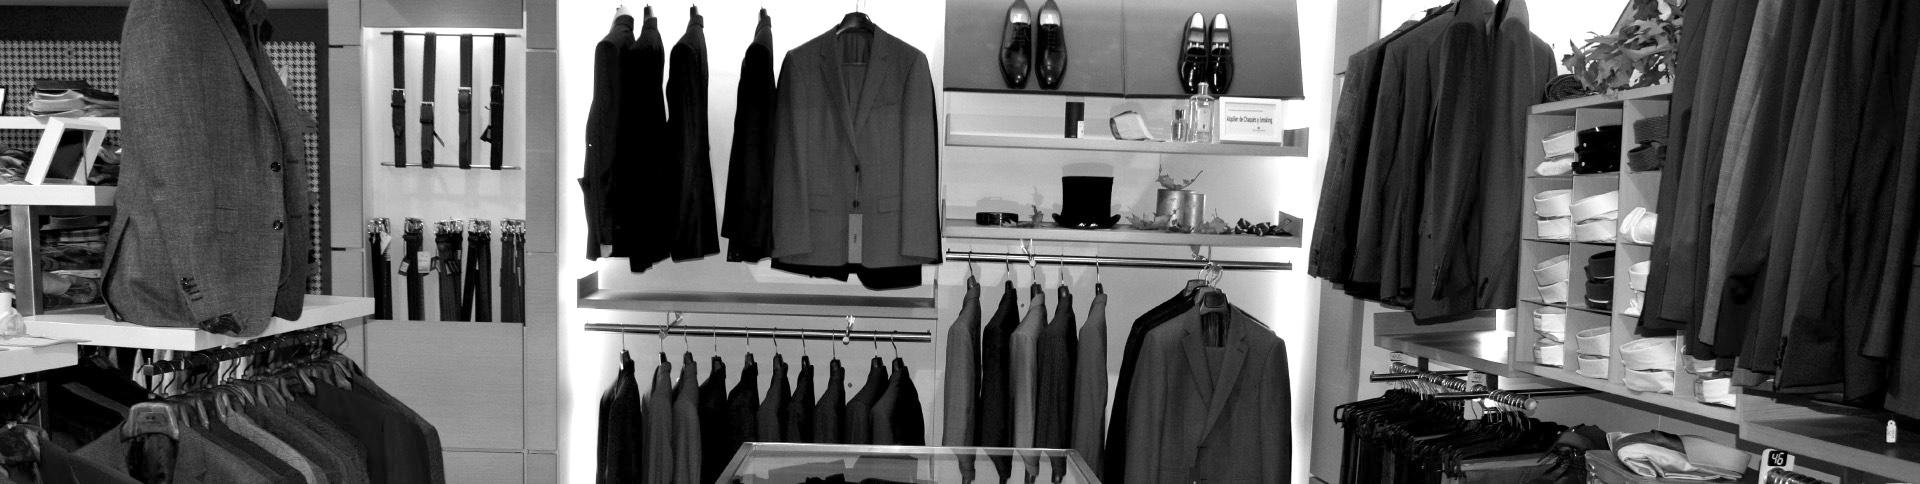 benavent-moda-masculina-alicante